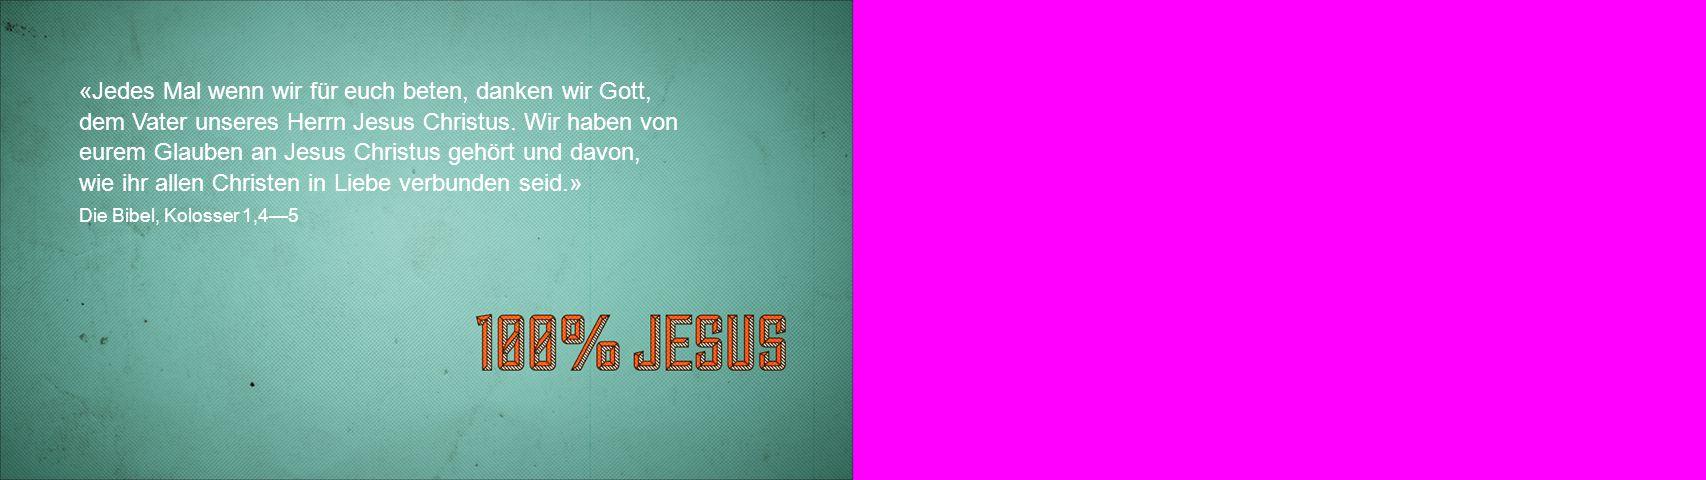 «Jedes Mal wenn wir für euch beten, danken wir Gott, dem Vater unseres Herrn Jesus Christus. Wir haben von eurem Glauben an Jesus Christus gehört und